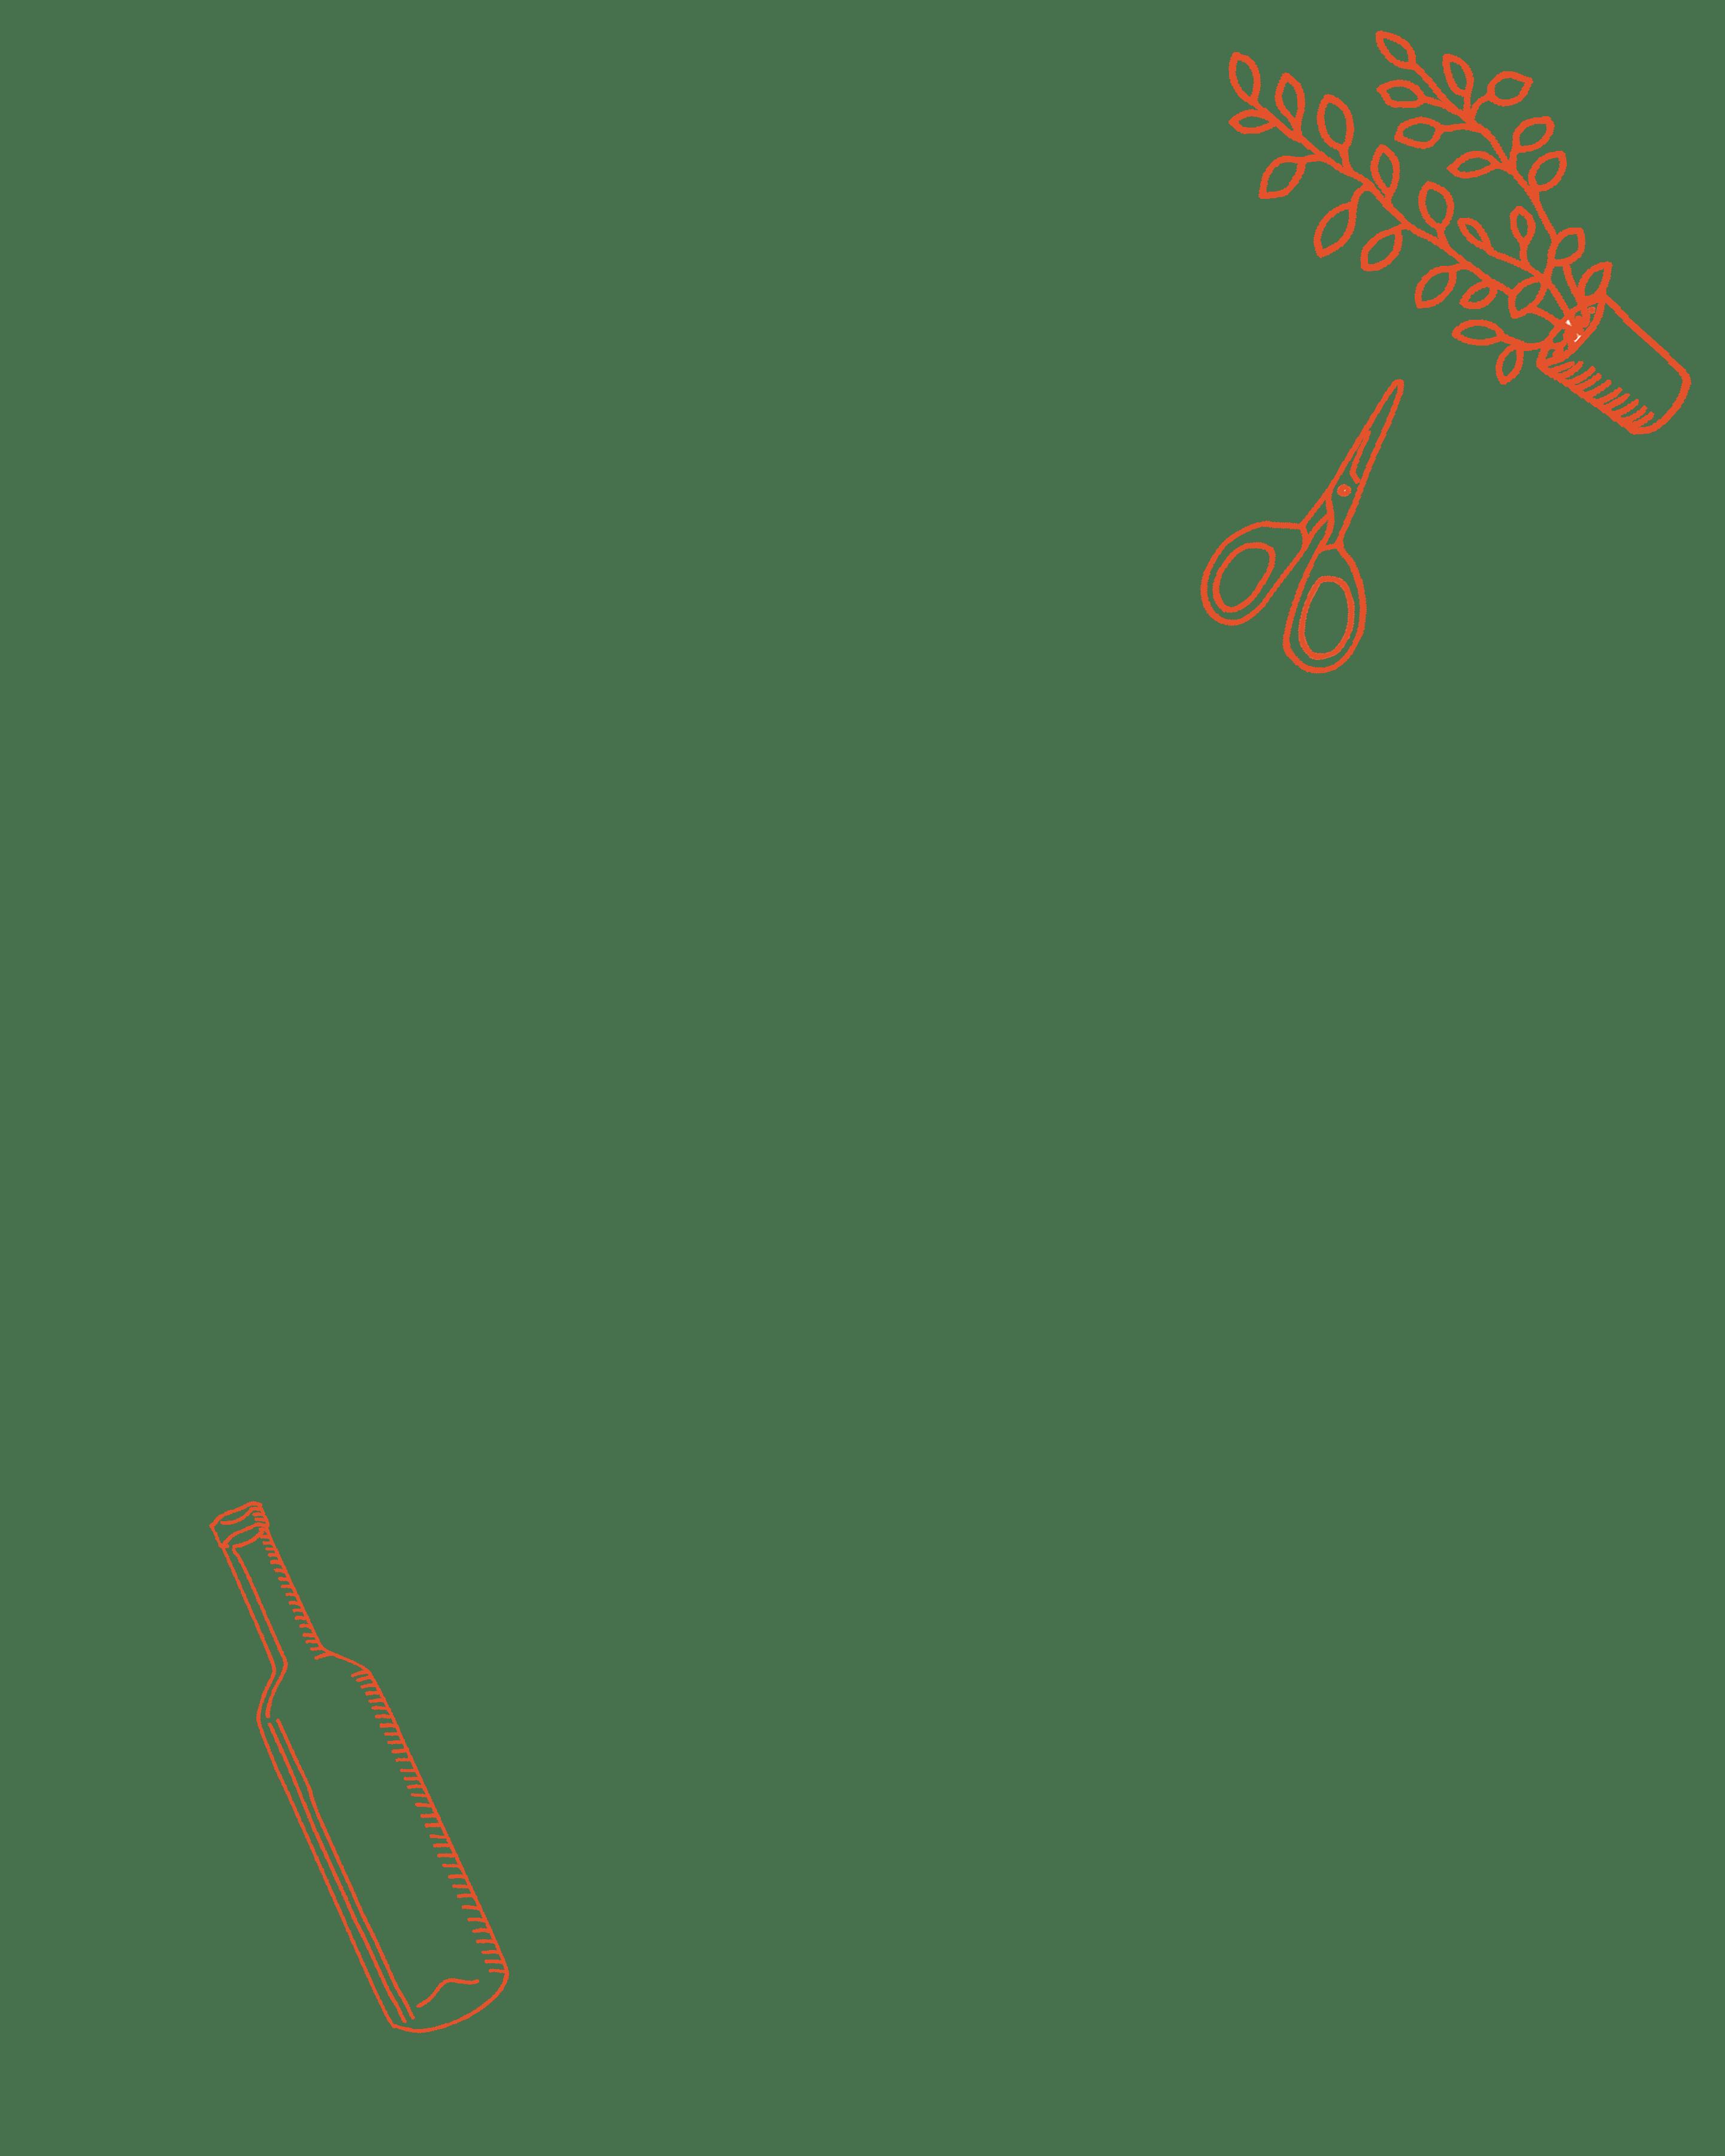 Vinani Design Anh/änger Mandel Auge elegant geschwungen geb/ürstet gl/änzend Sterling Silber 925 Linse 2ARU-EZ